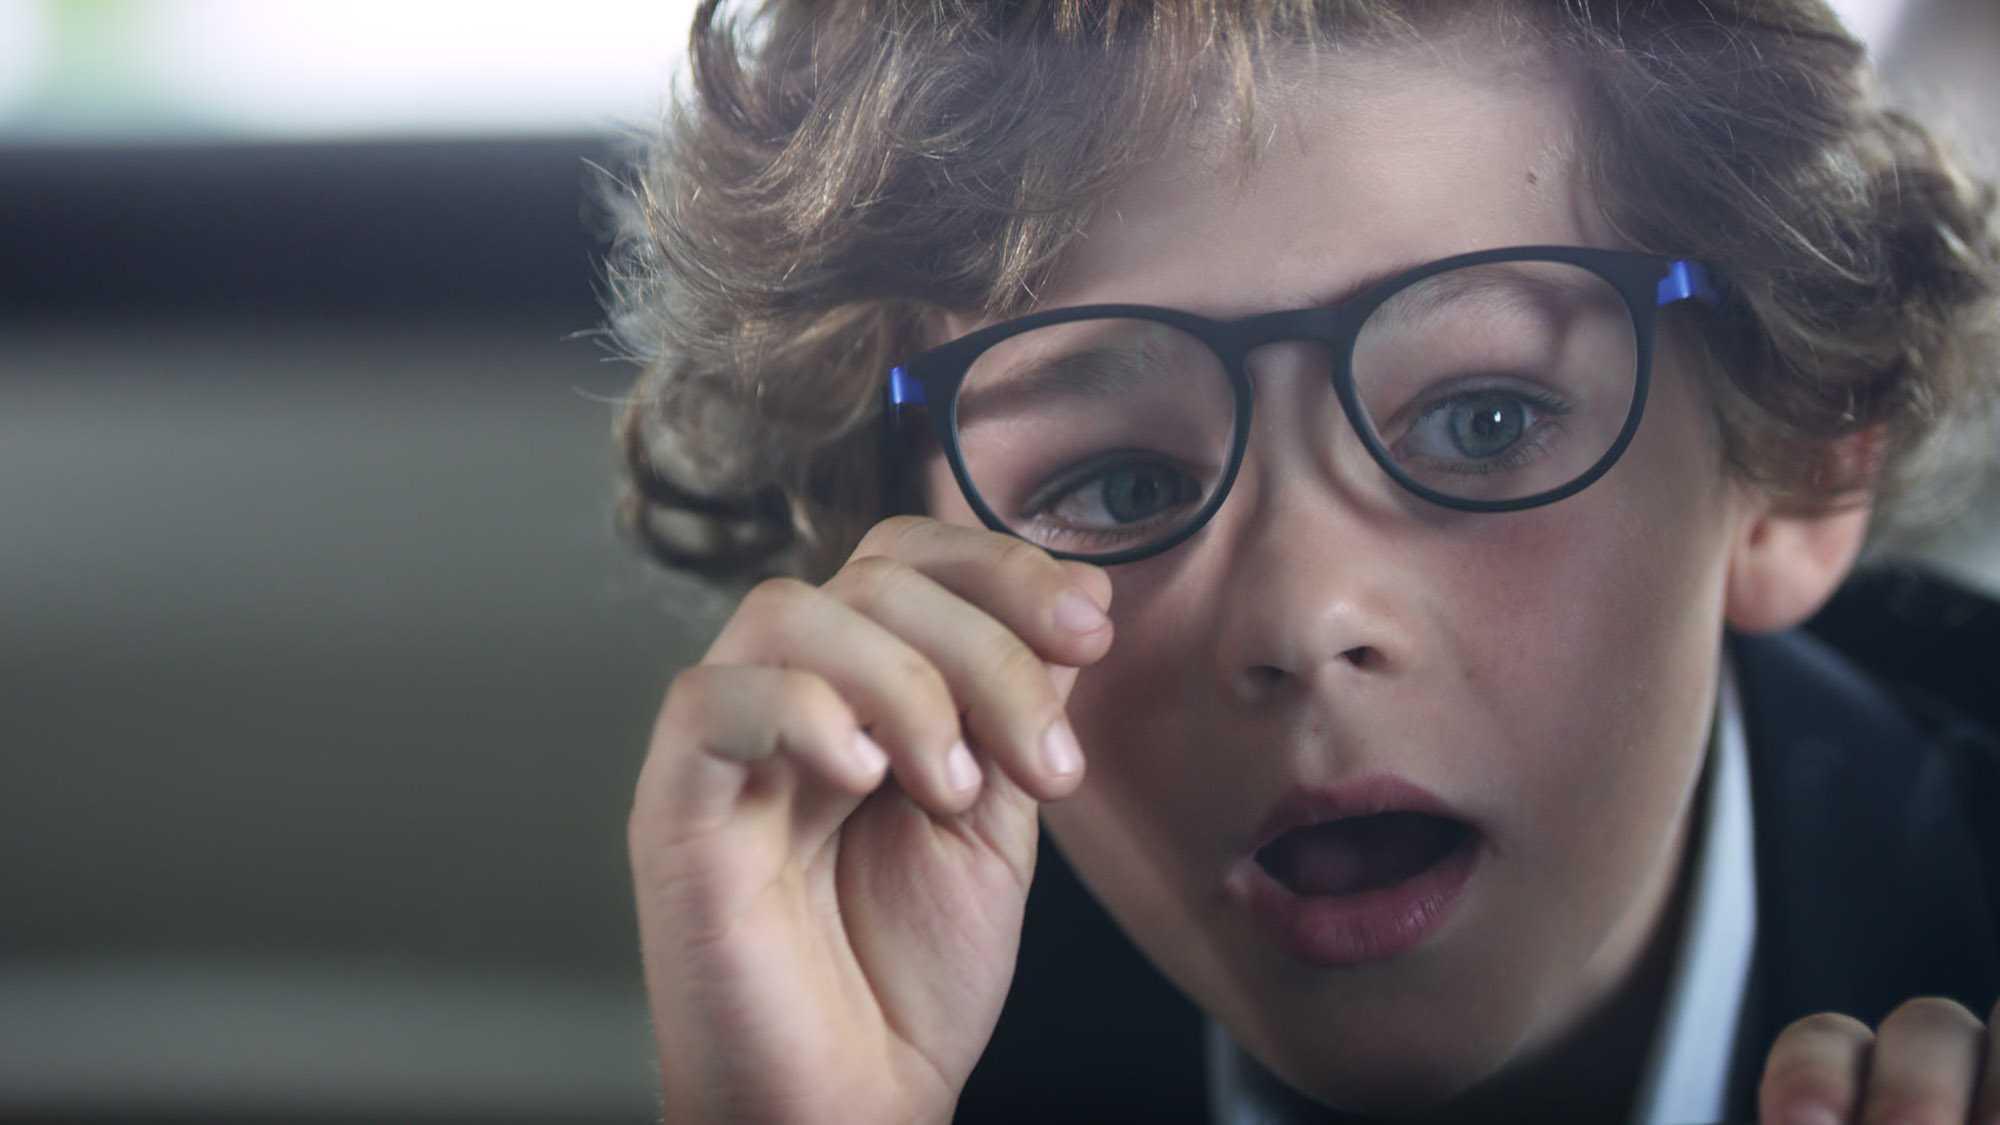 Das Bild zeigt einen Jungen. Er hat lockige Haare und trägt eine schwarze Brille. Er schiebt die Brille mit seiner Hand hoch. Das Bild dient als Sliderbild für den Portfolioeintrag BMW Connected Drive Rivalitätskampf von Panda Pictures.